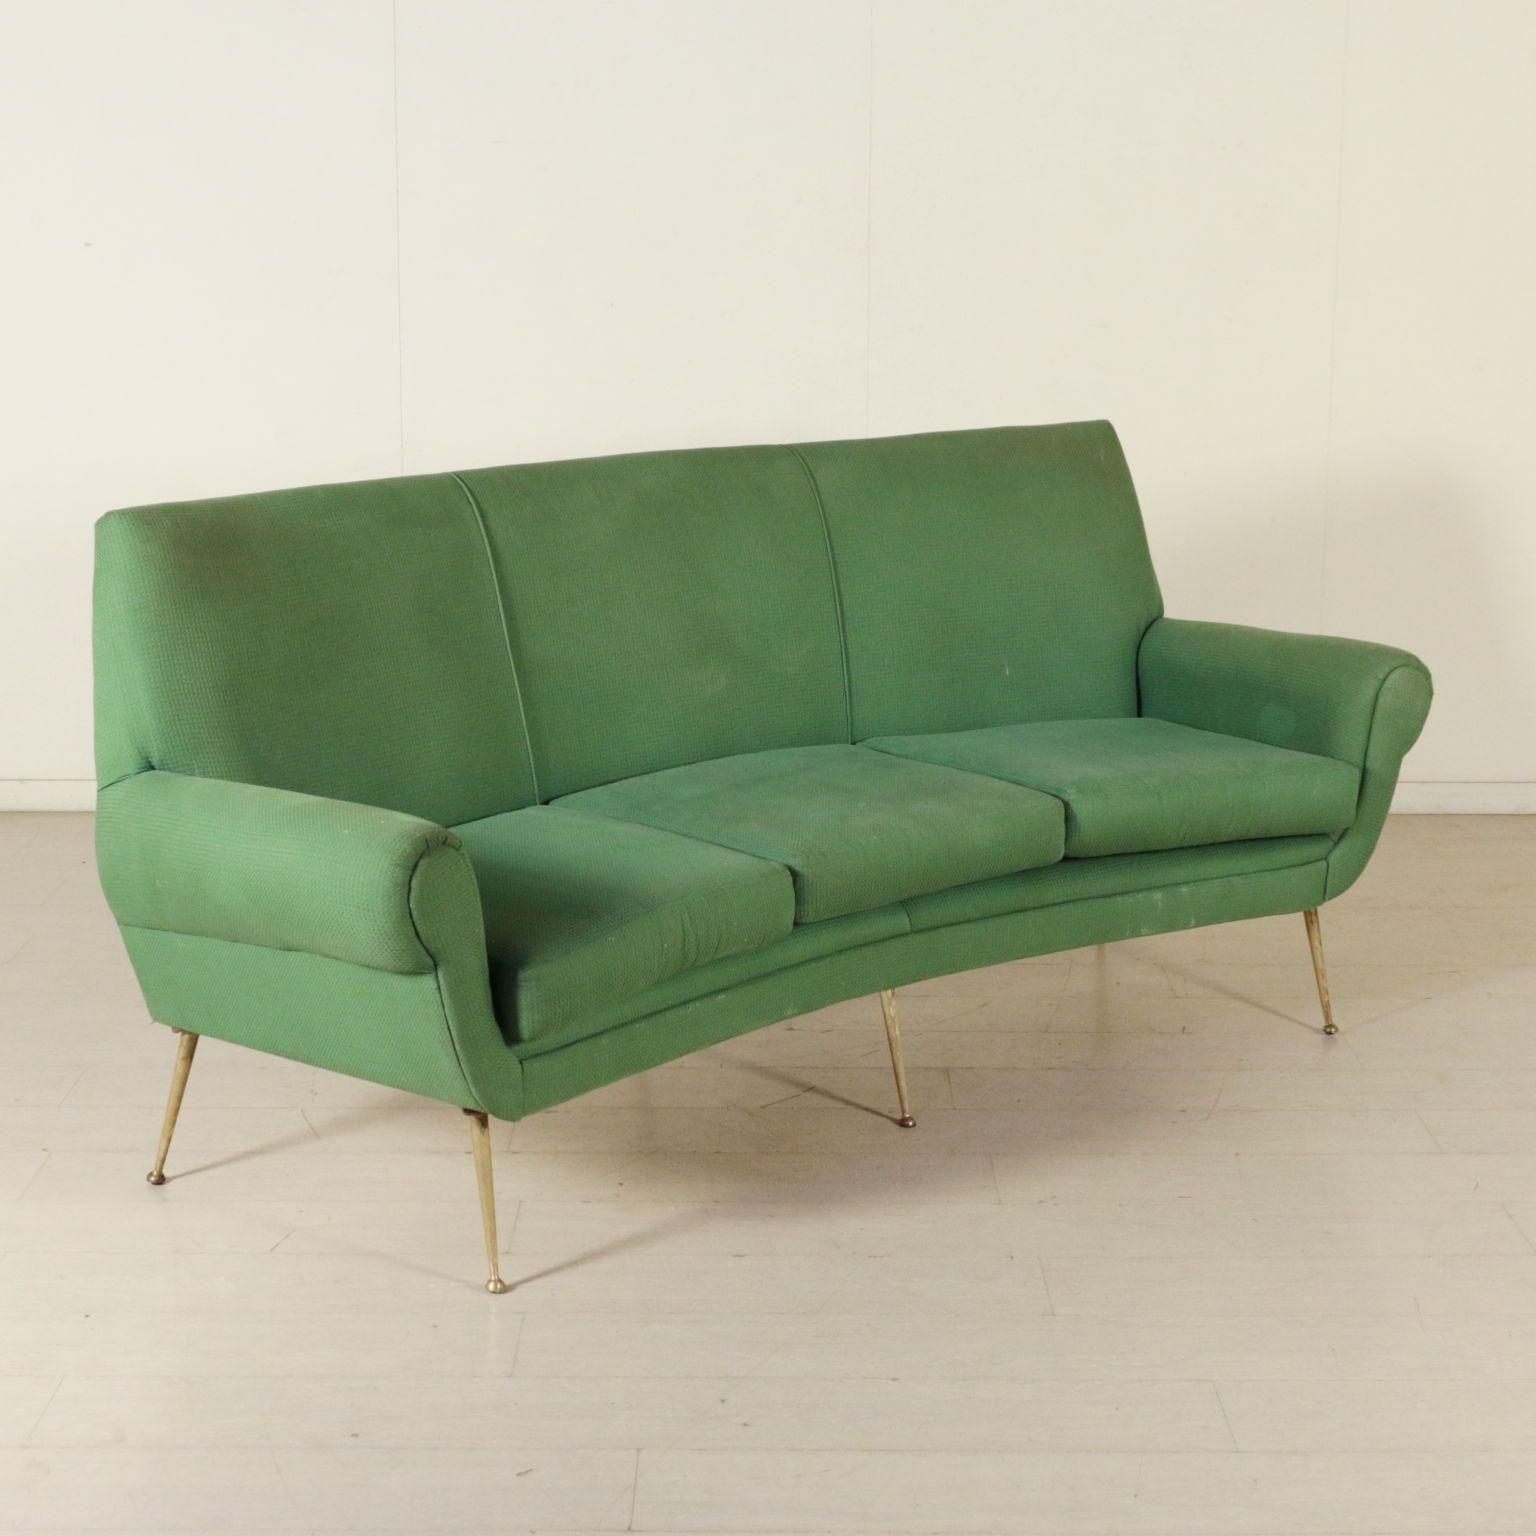 Divano vintage anni 50-60; imbottitura in espanso, rivestimento in ...